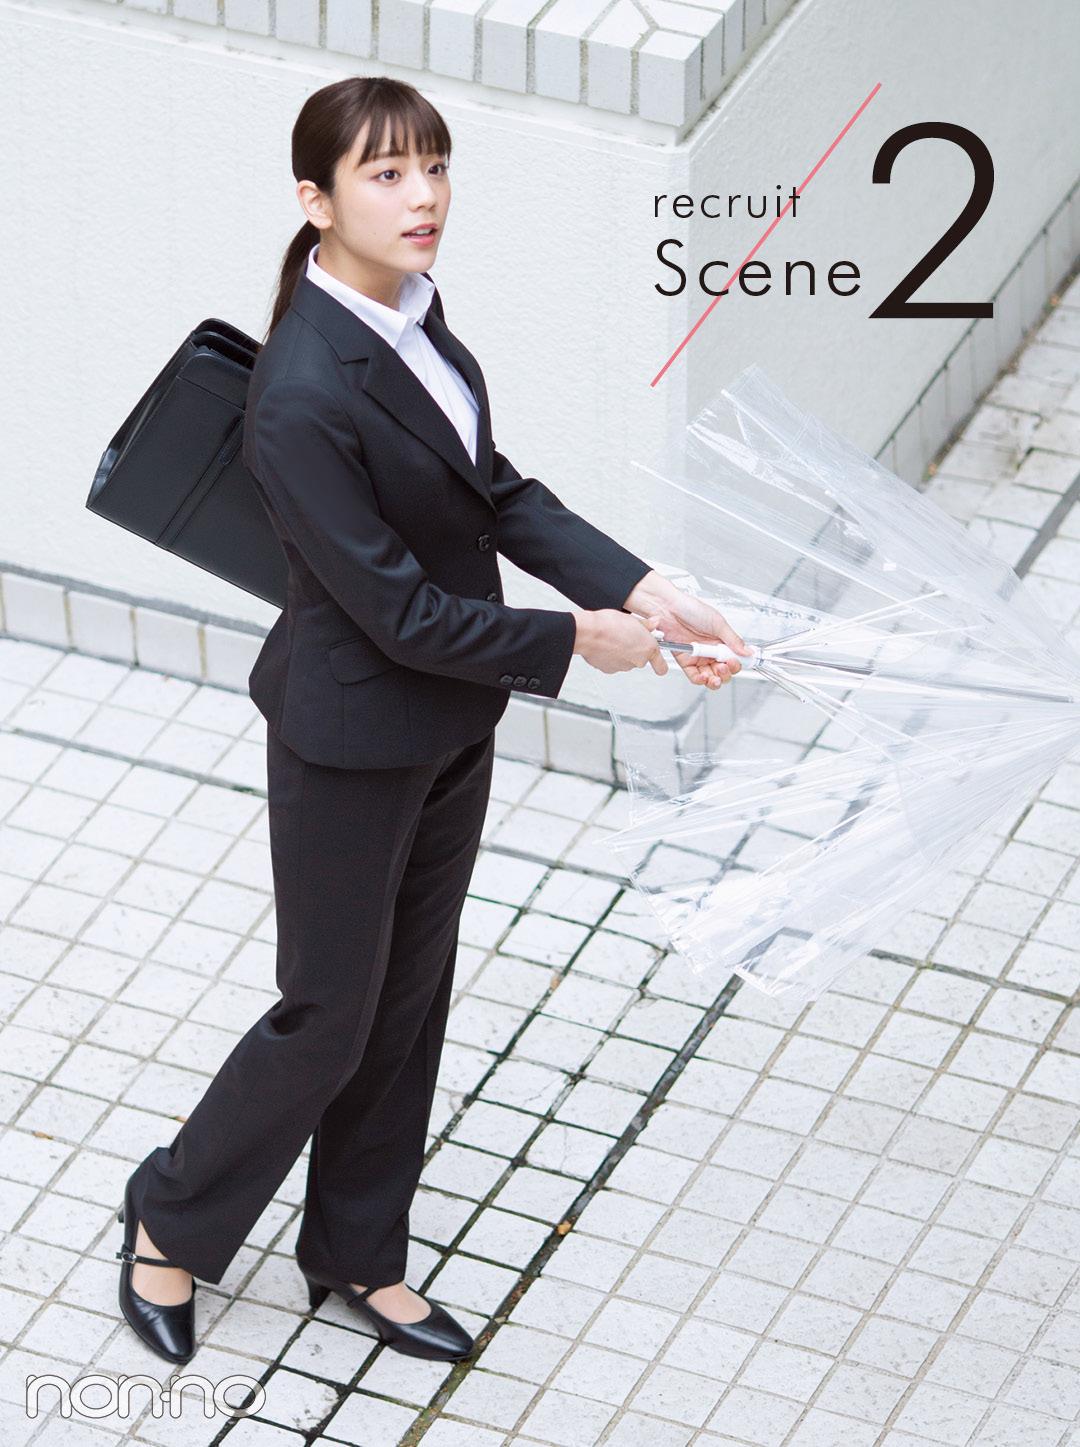 recruit Scene 2